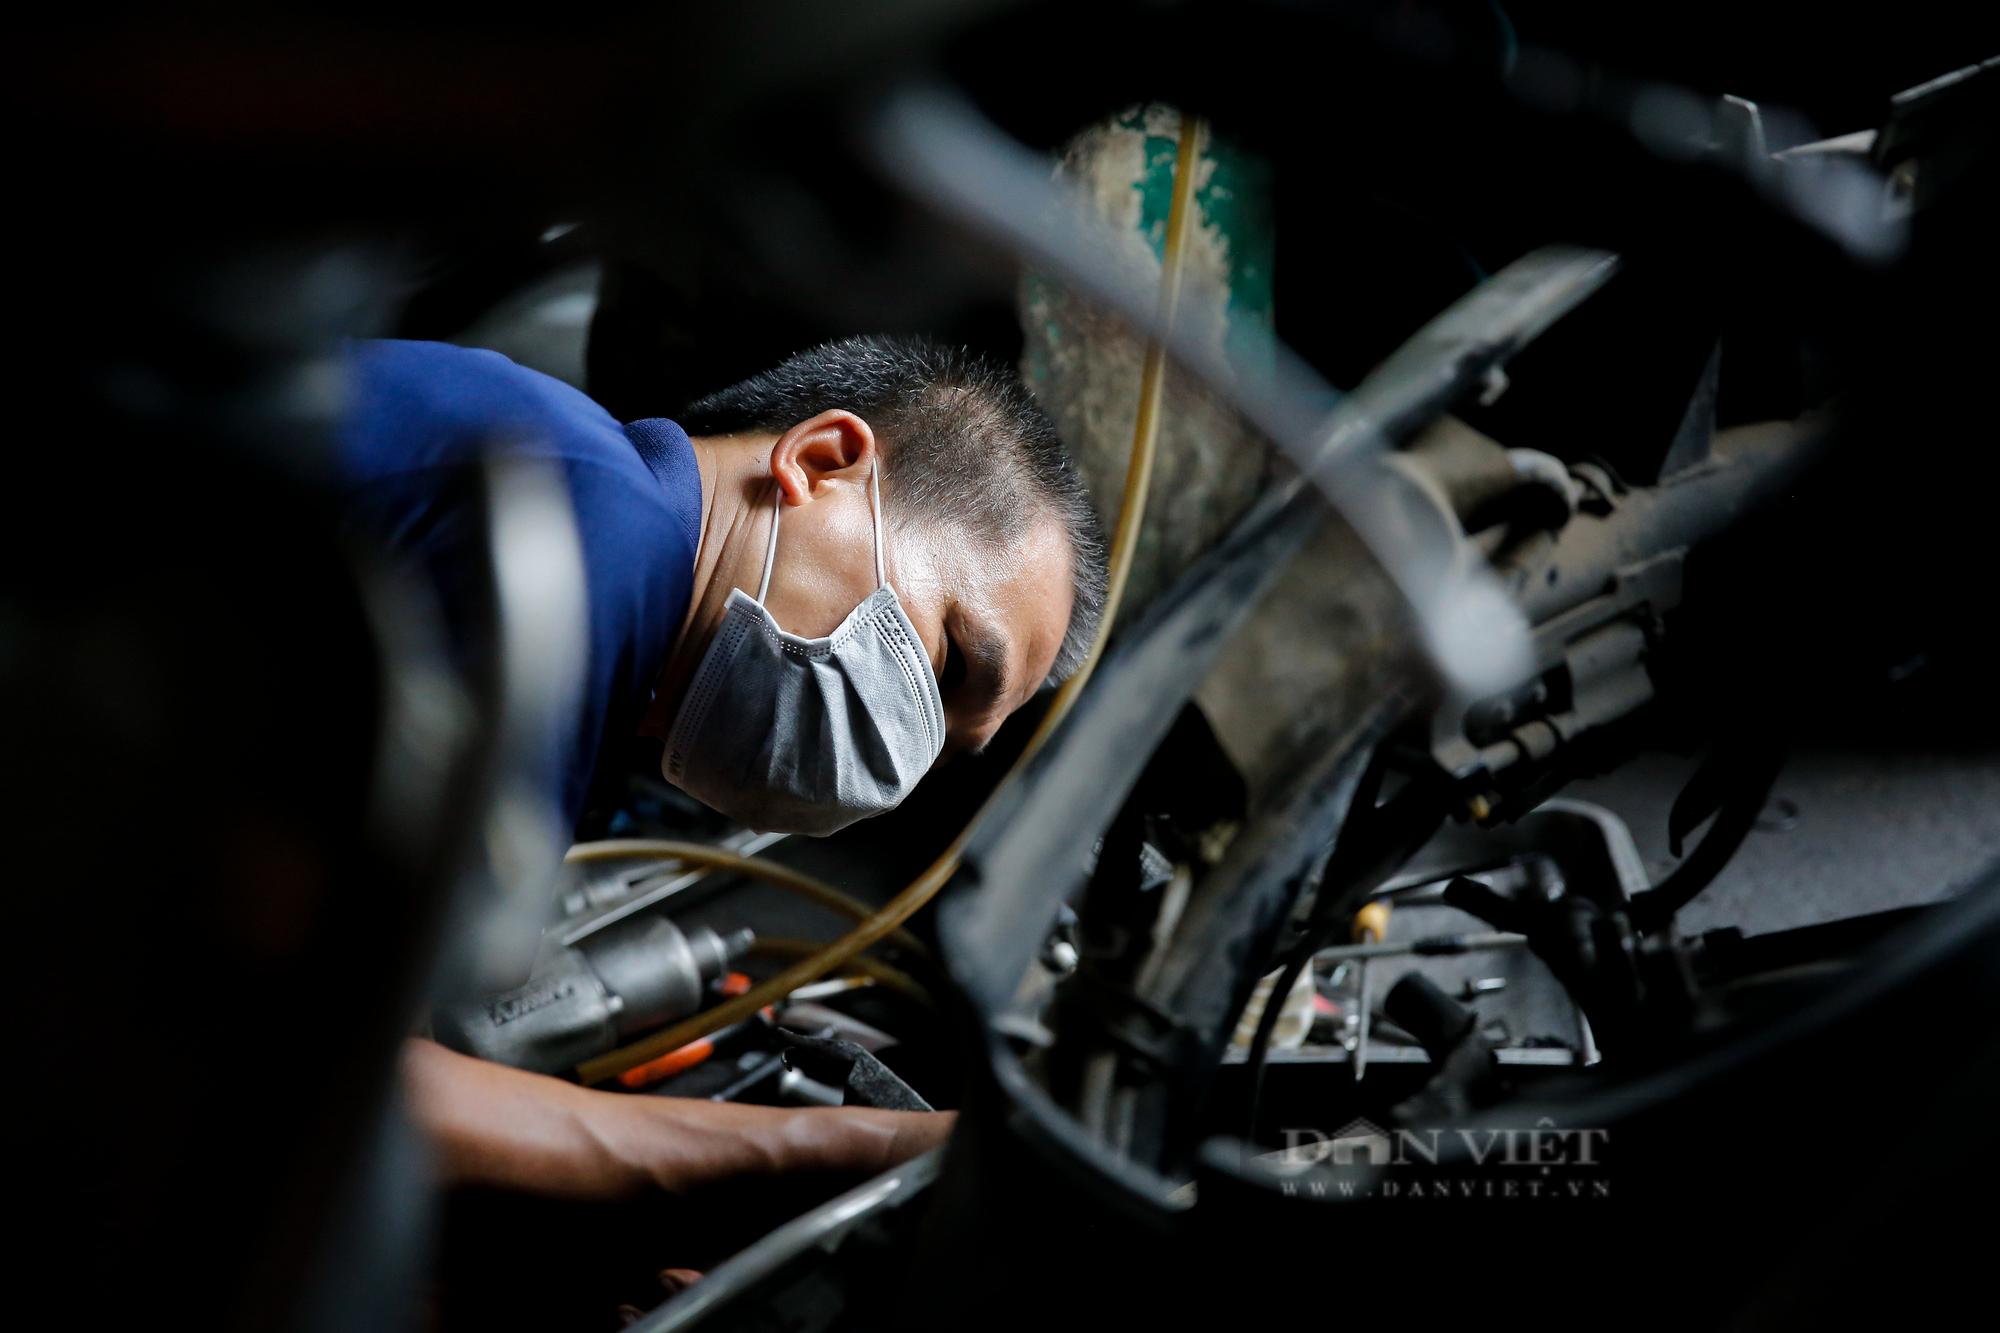 Hà Nội: Mang xe máy đi sửa, khách hàng phải chờ từ sáng đến chiều tối mới có thể nhận được xe - Ảnh 5.